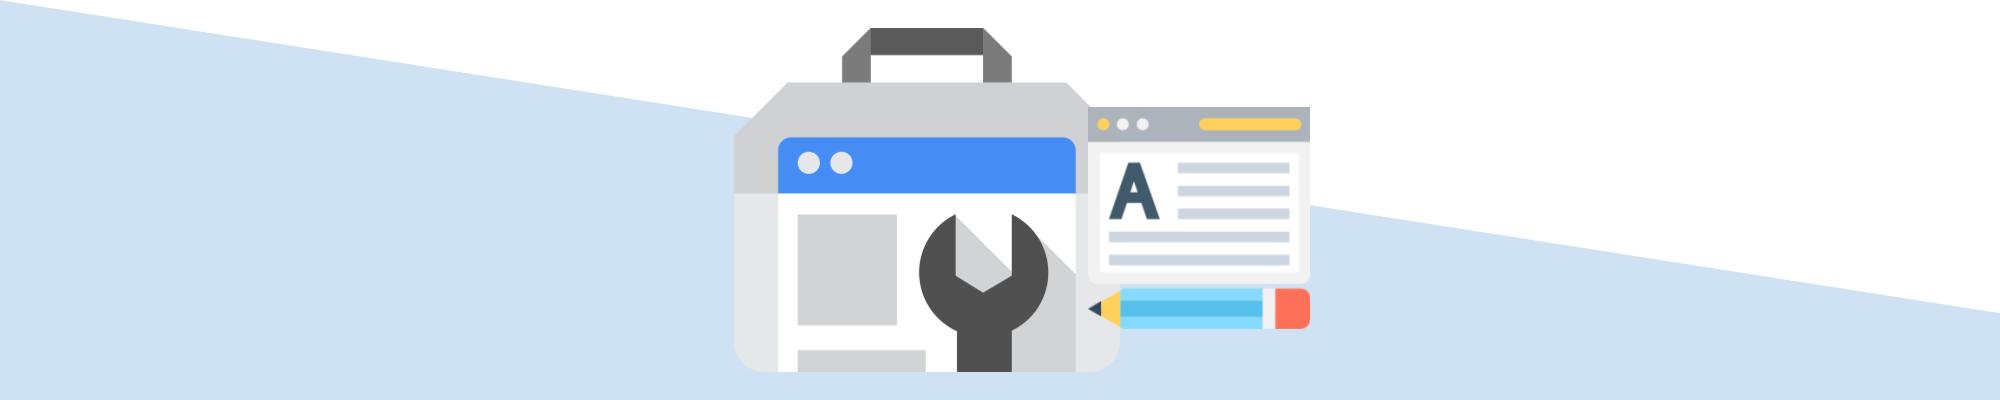 Gör en sökordsanalys med Search Console från Google.